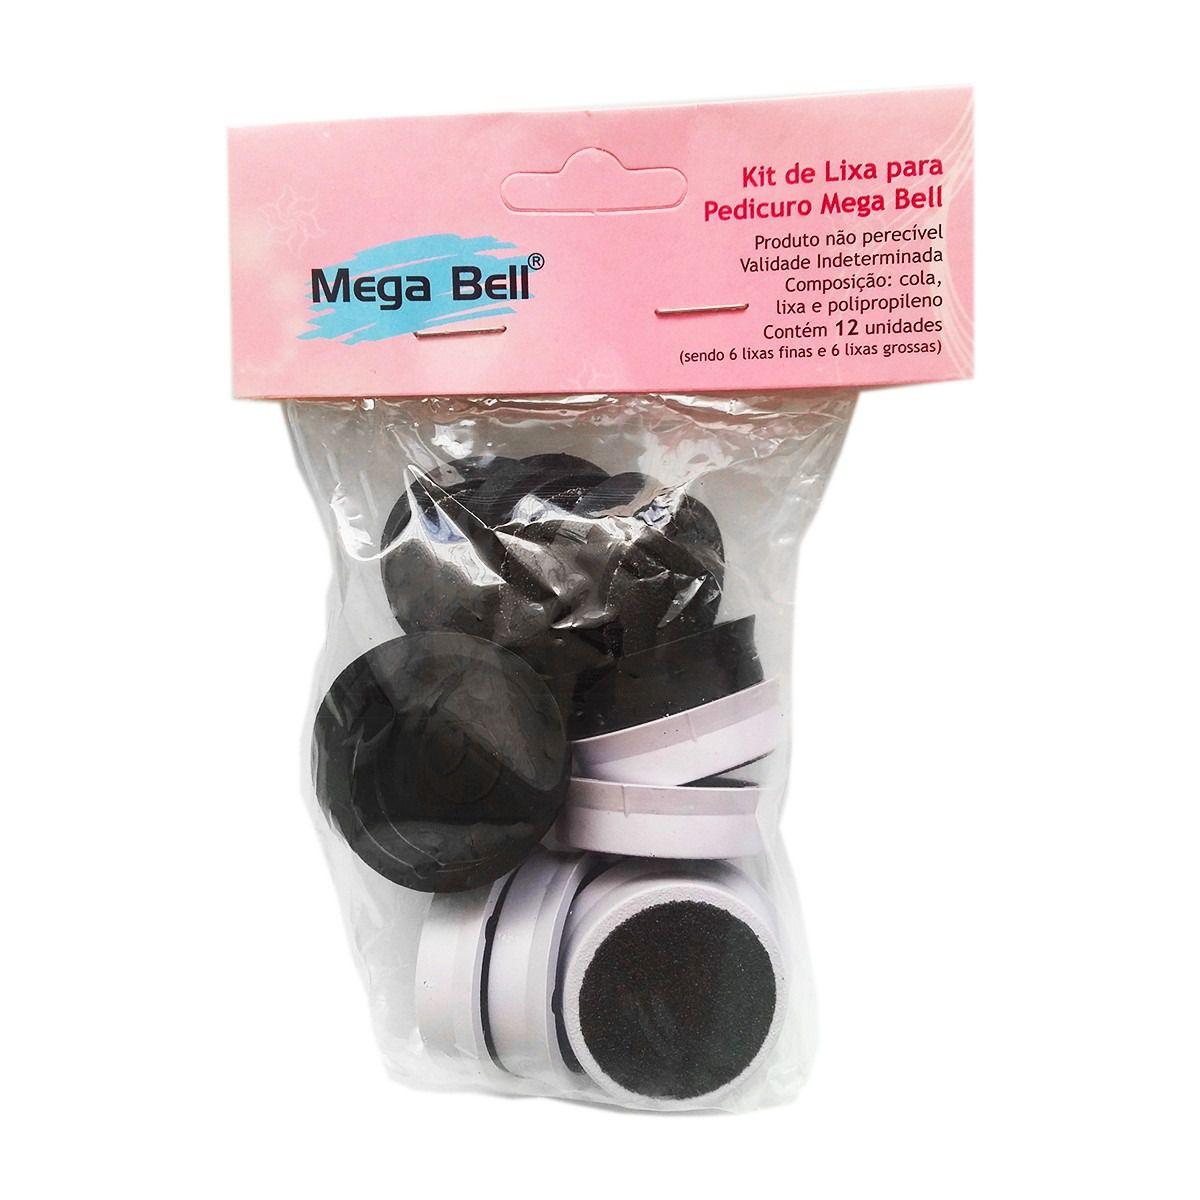 Kit de Lixas Descartáveis para Pedicuro Mega Bell - 12 lixas